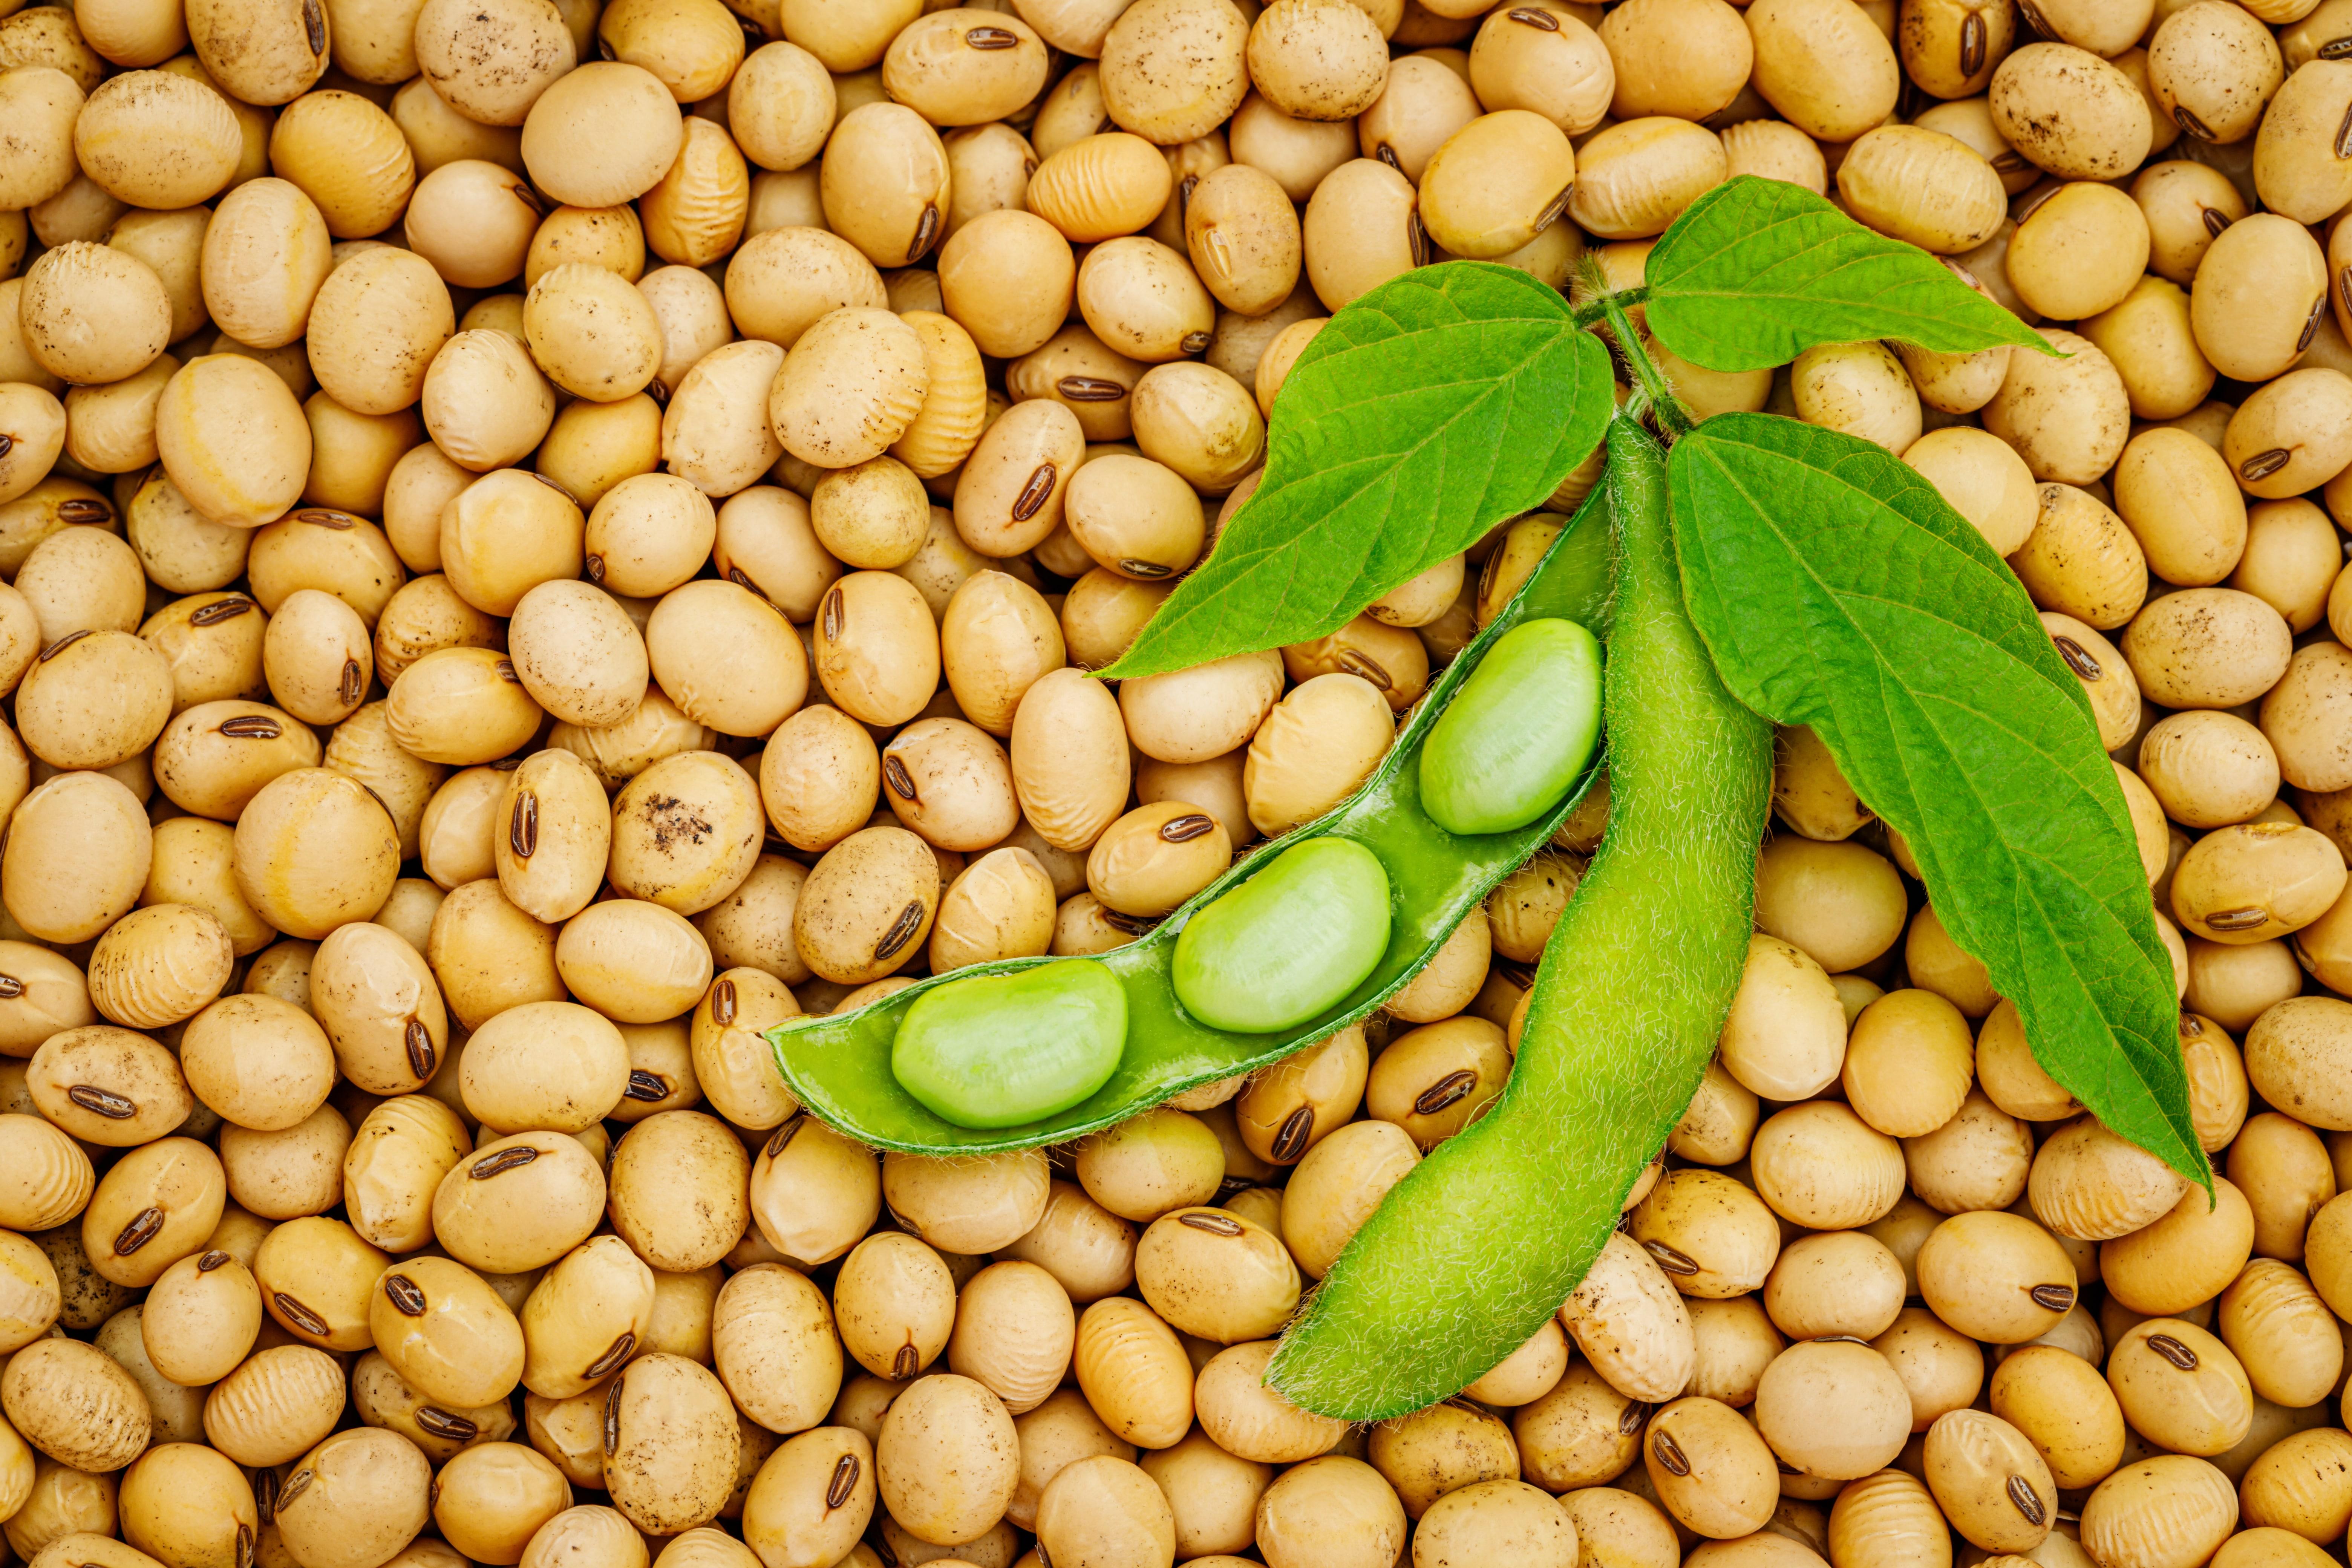 夏日瘋減醣,營養師教你用黃豆、豆製品做減醣料理!健康美味、體重控制兩者兼顧!